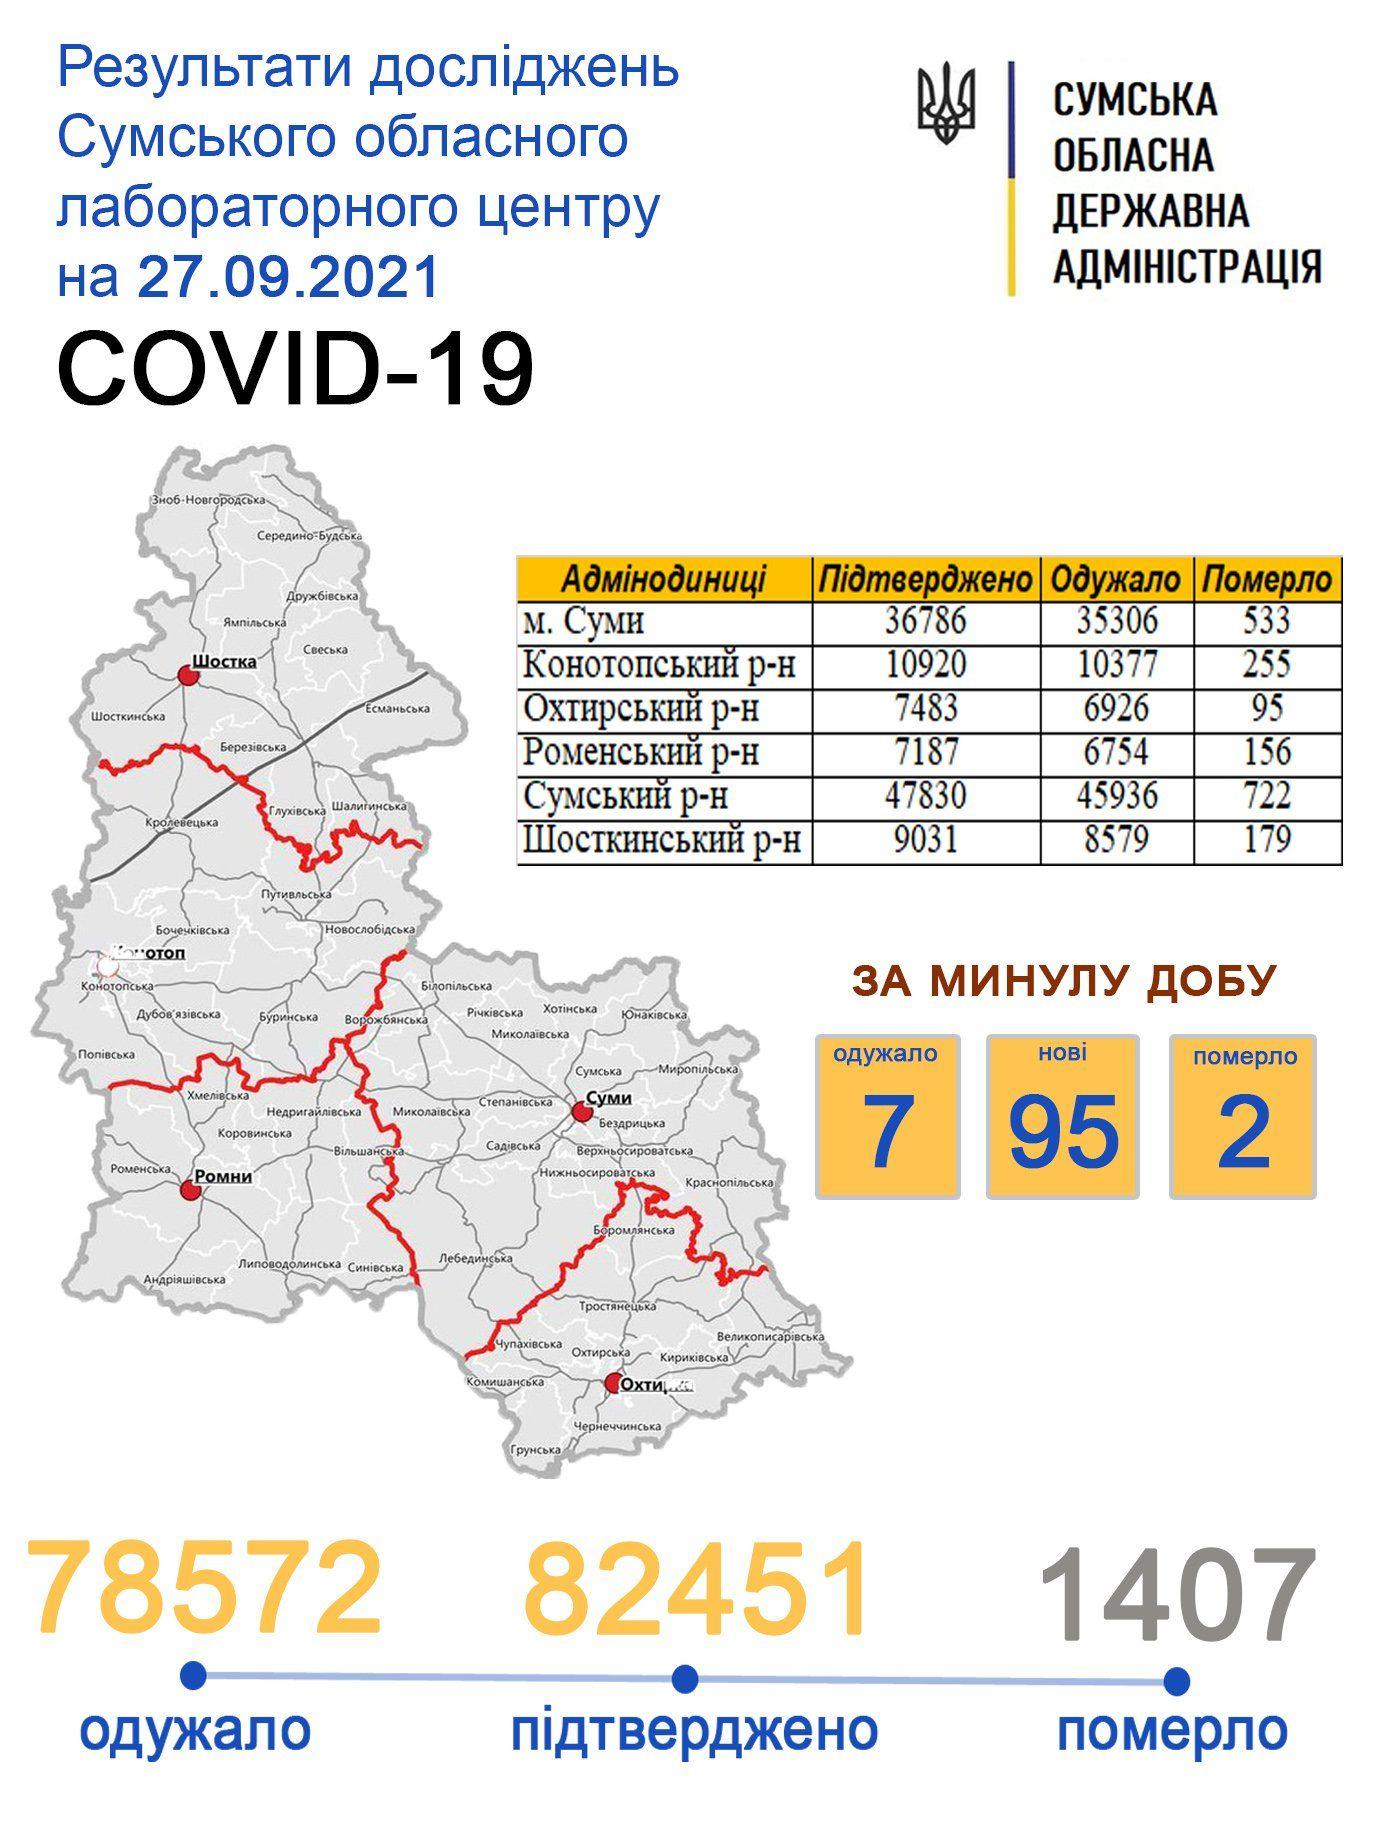 sumy-novosti-statistika-26-09